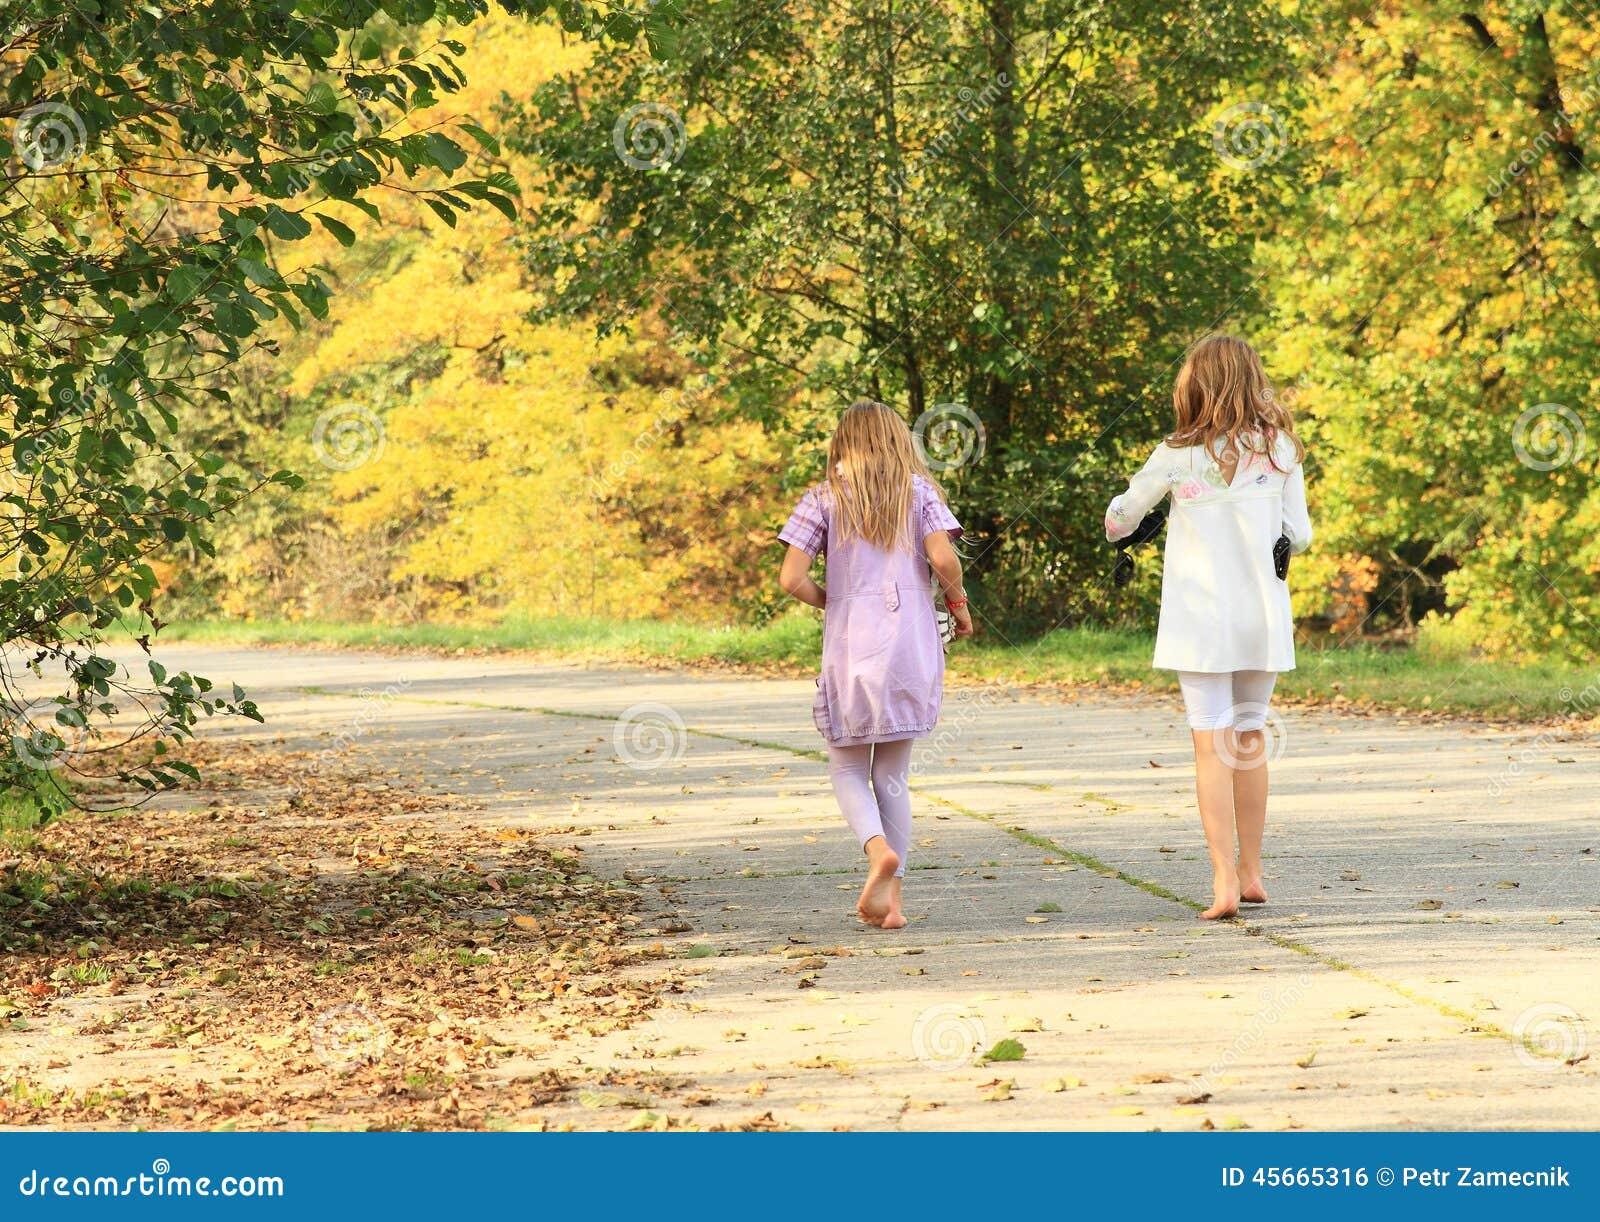 Little kids - girls walking barefoot